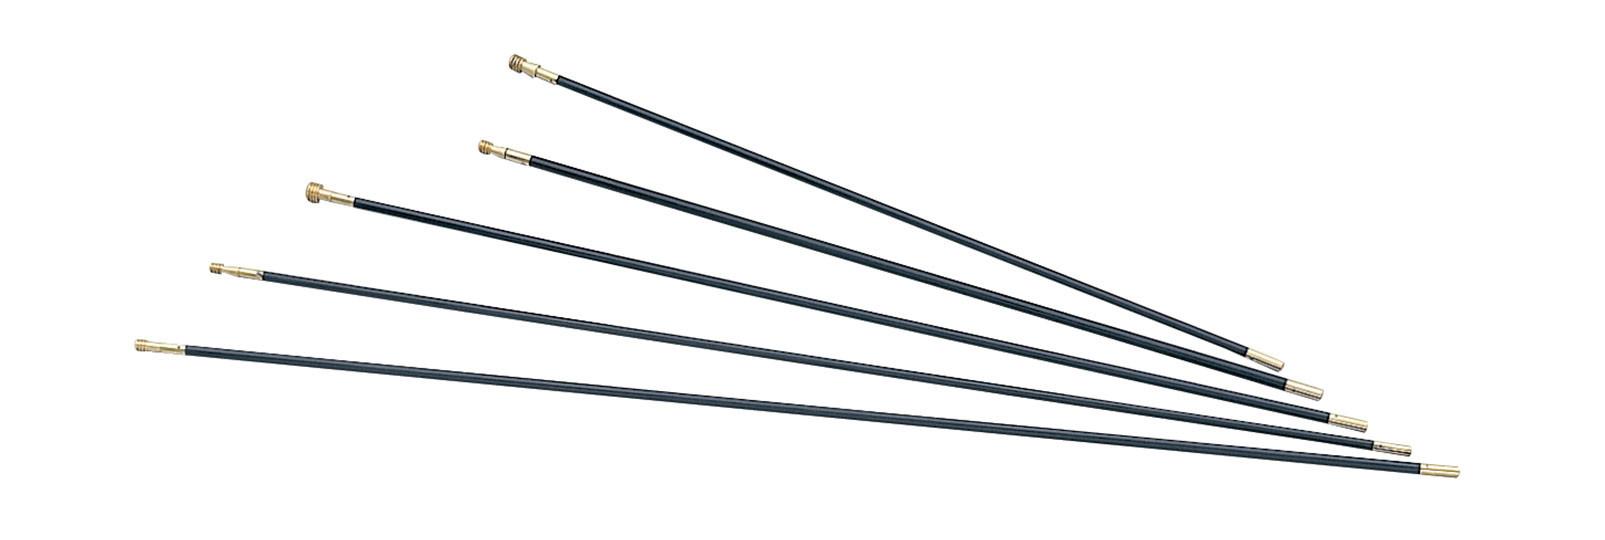 Fiber rod 9x710mm